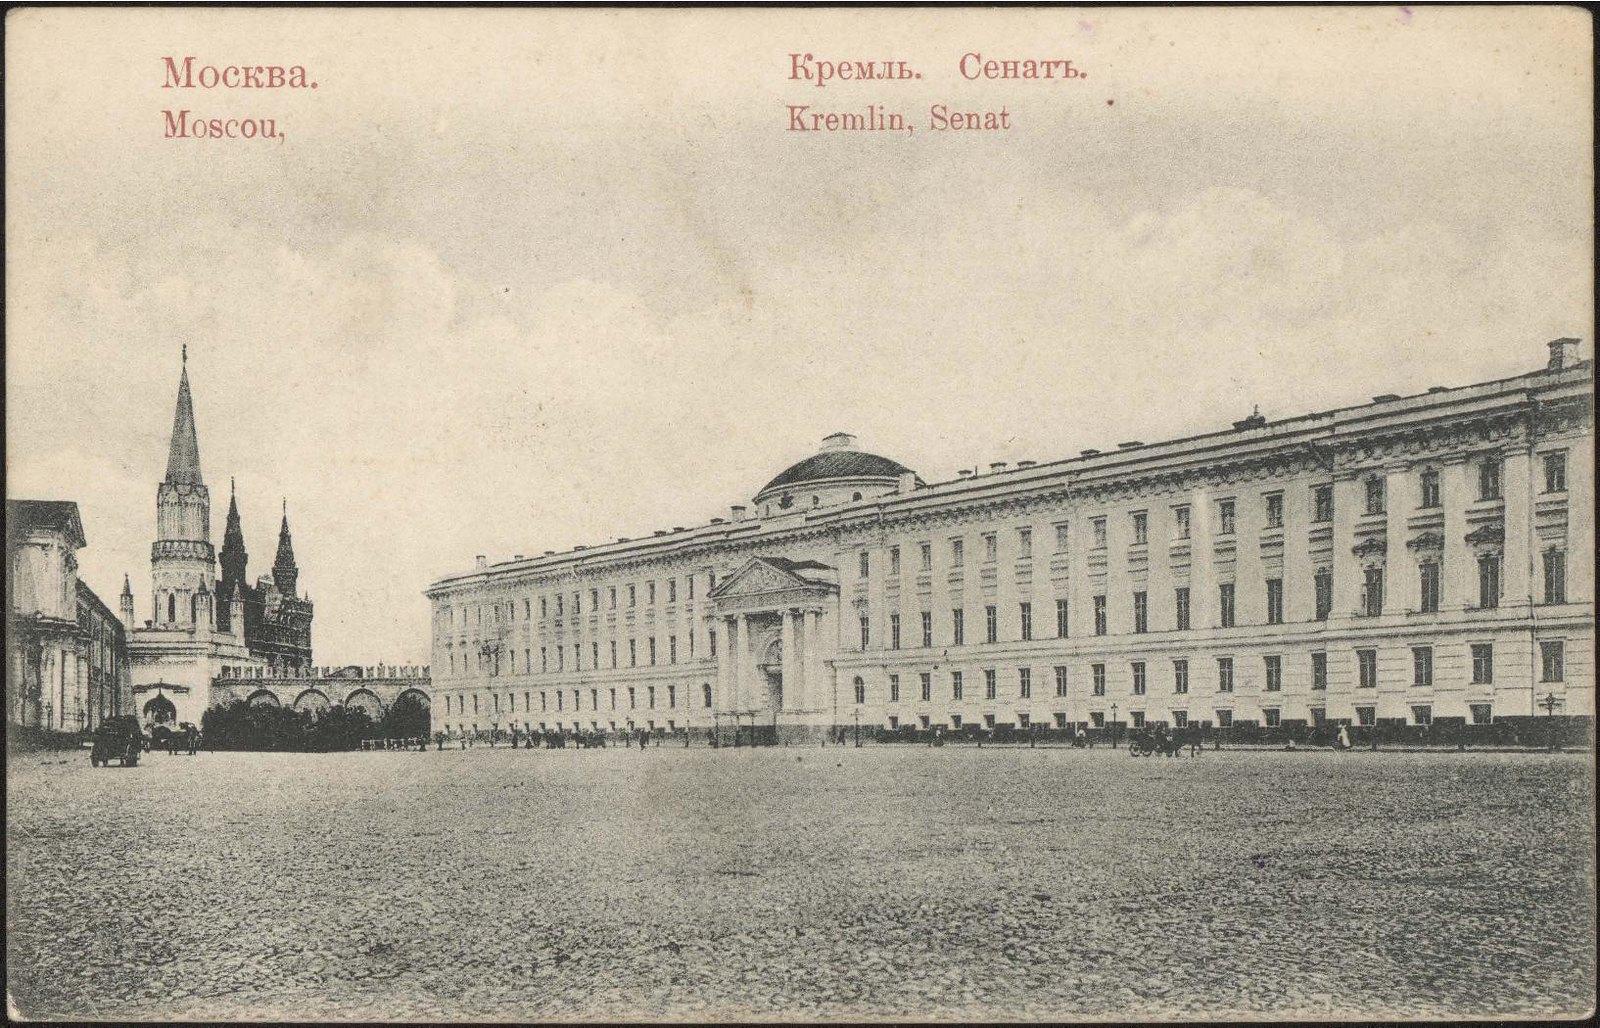 Кремль. Сенат